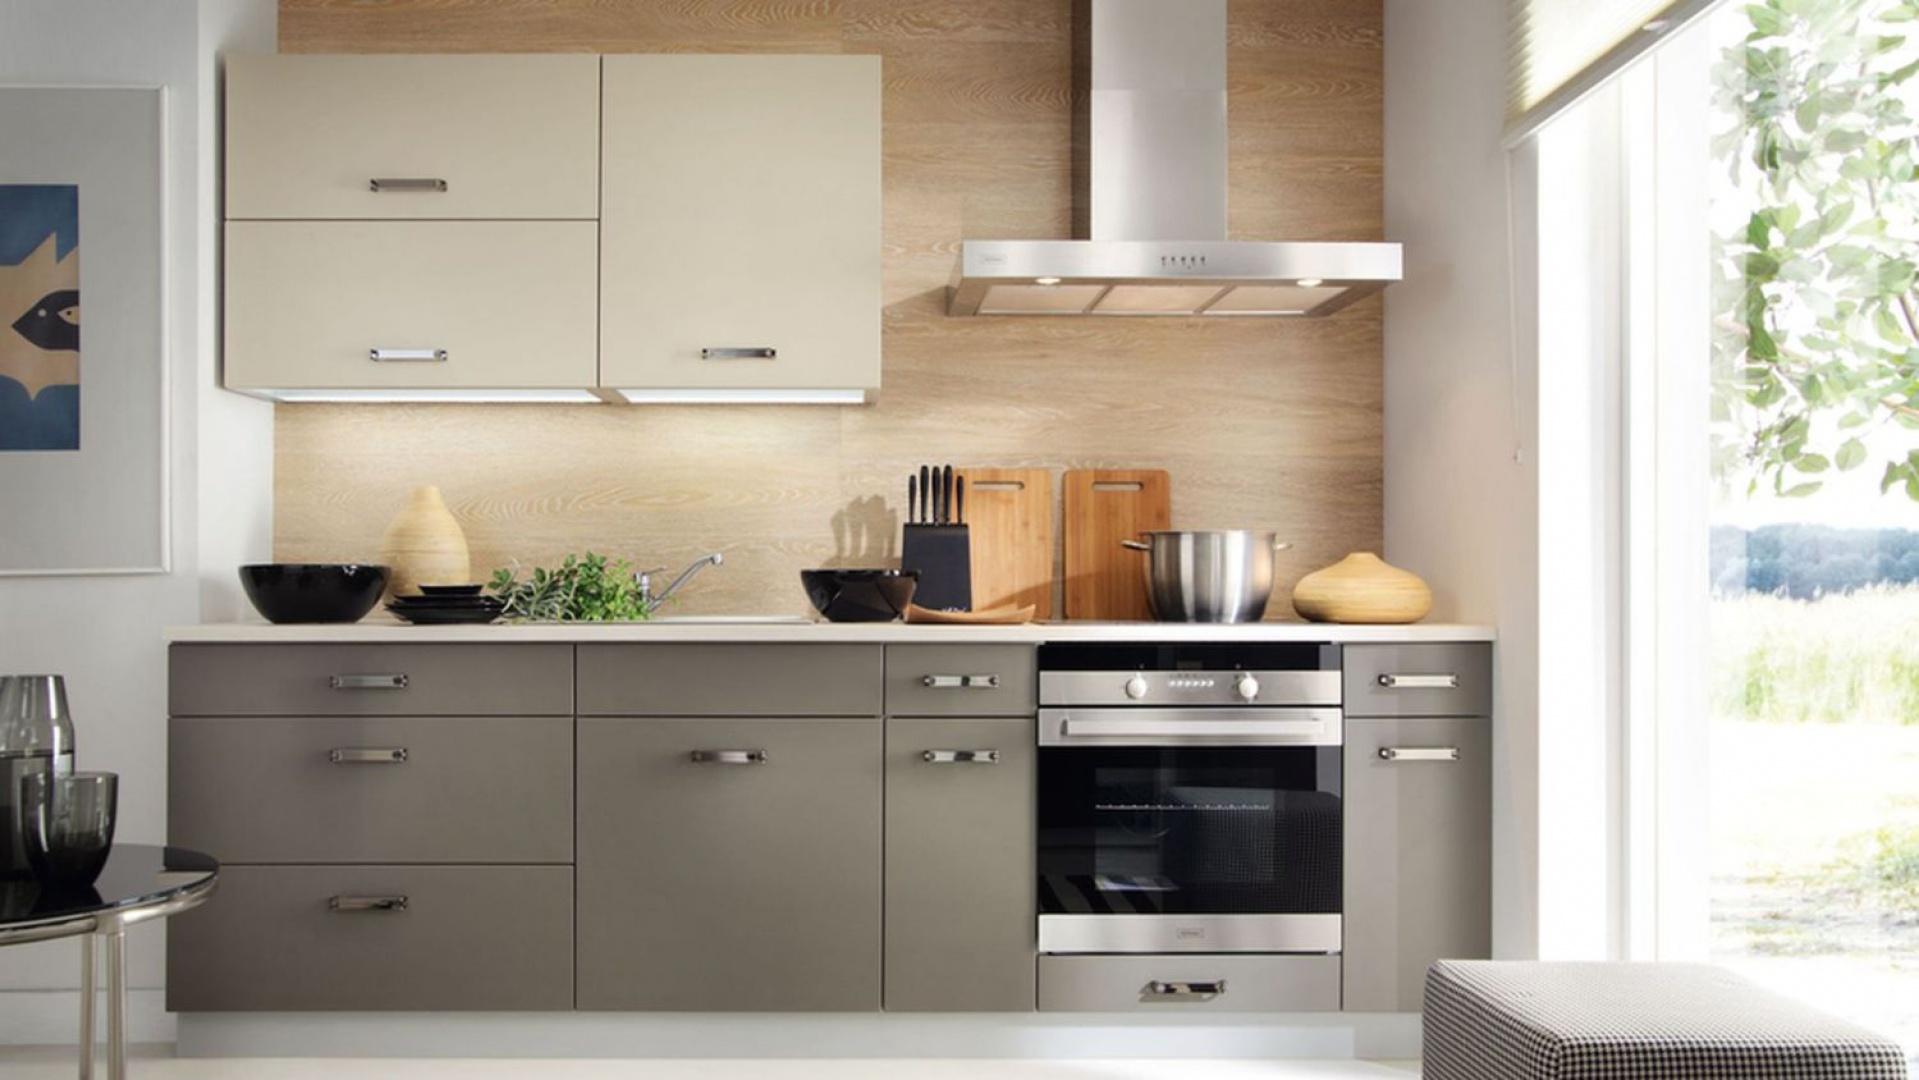 Meble kuchenne wpasowano w Mała kuchnia 10 pomysłów   -> Mala Tania Kuchnia